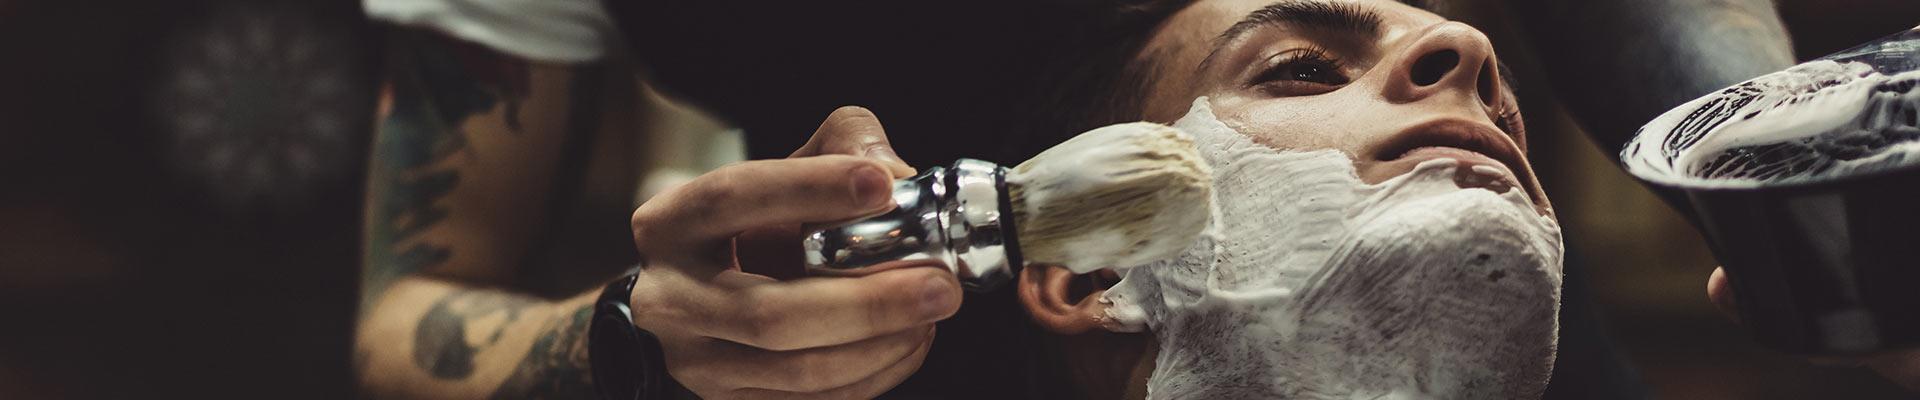 Barbering alt